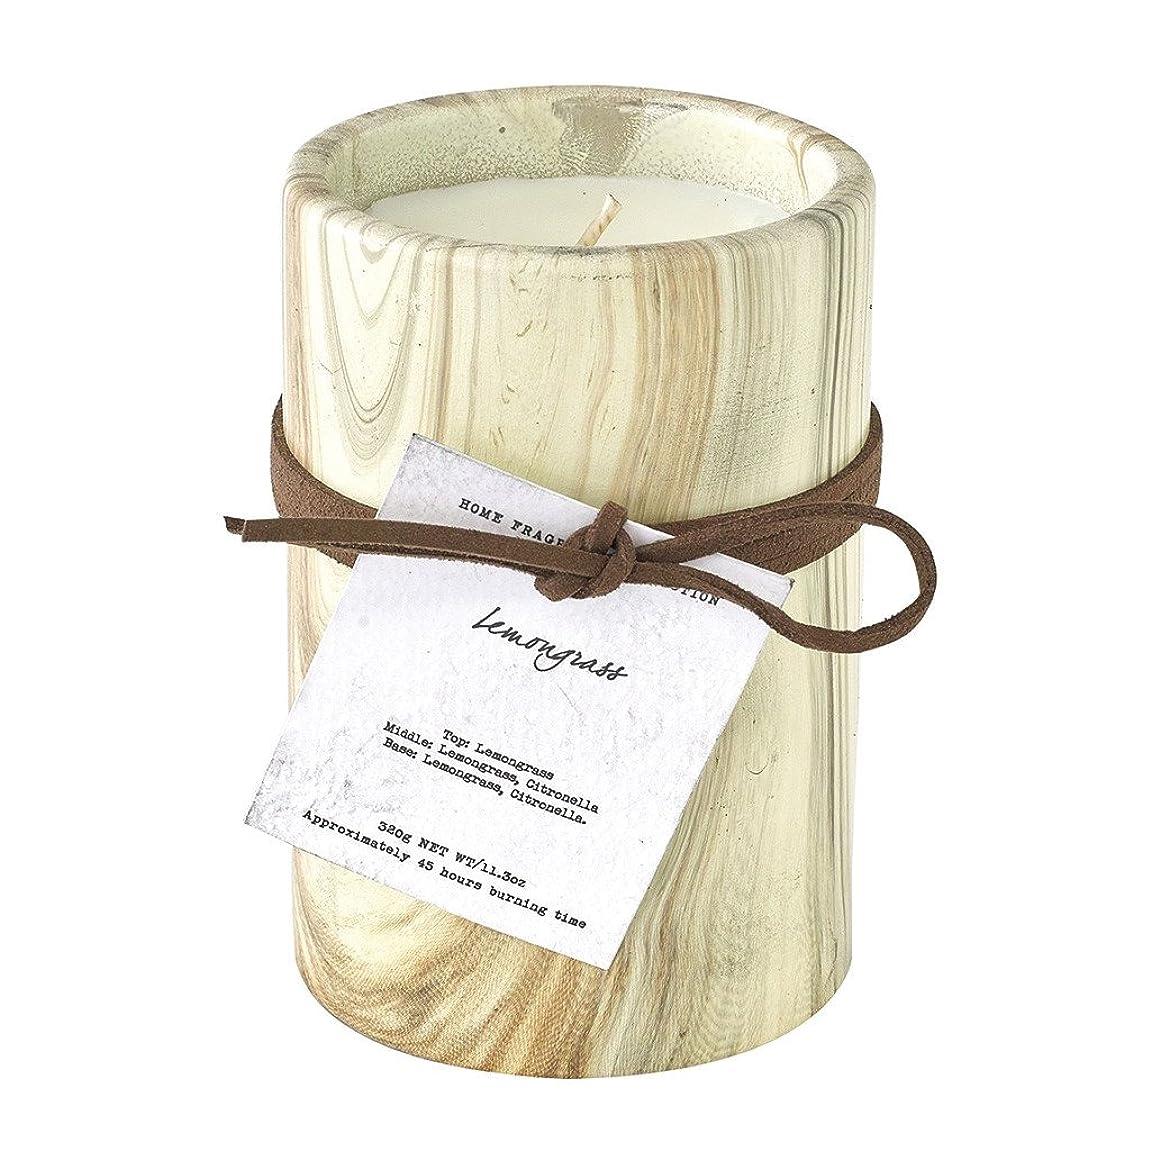 羊挑むトーンSPICE OF LIFE ろうそく マーブルアロマキャンドル レモングラス 250g 直径8cm 高さ11cm 香り 癒し リラックス SMLH1030LG